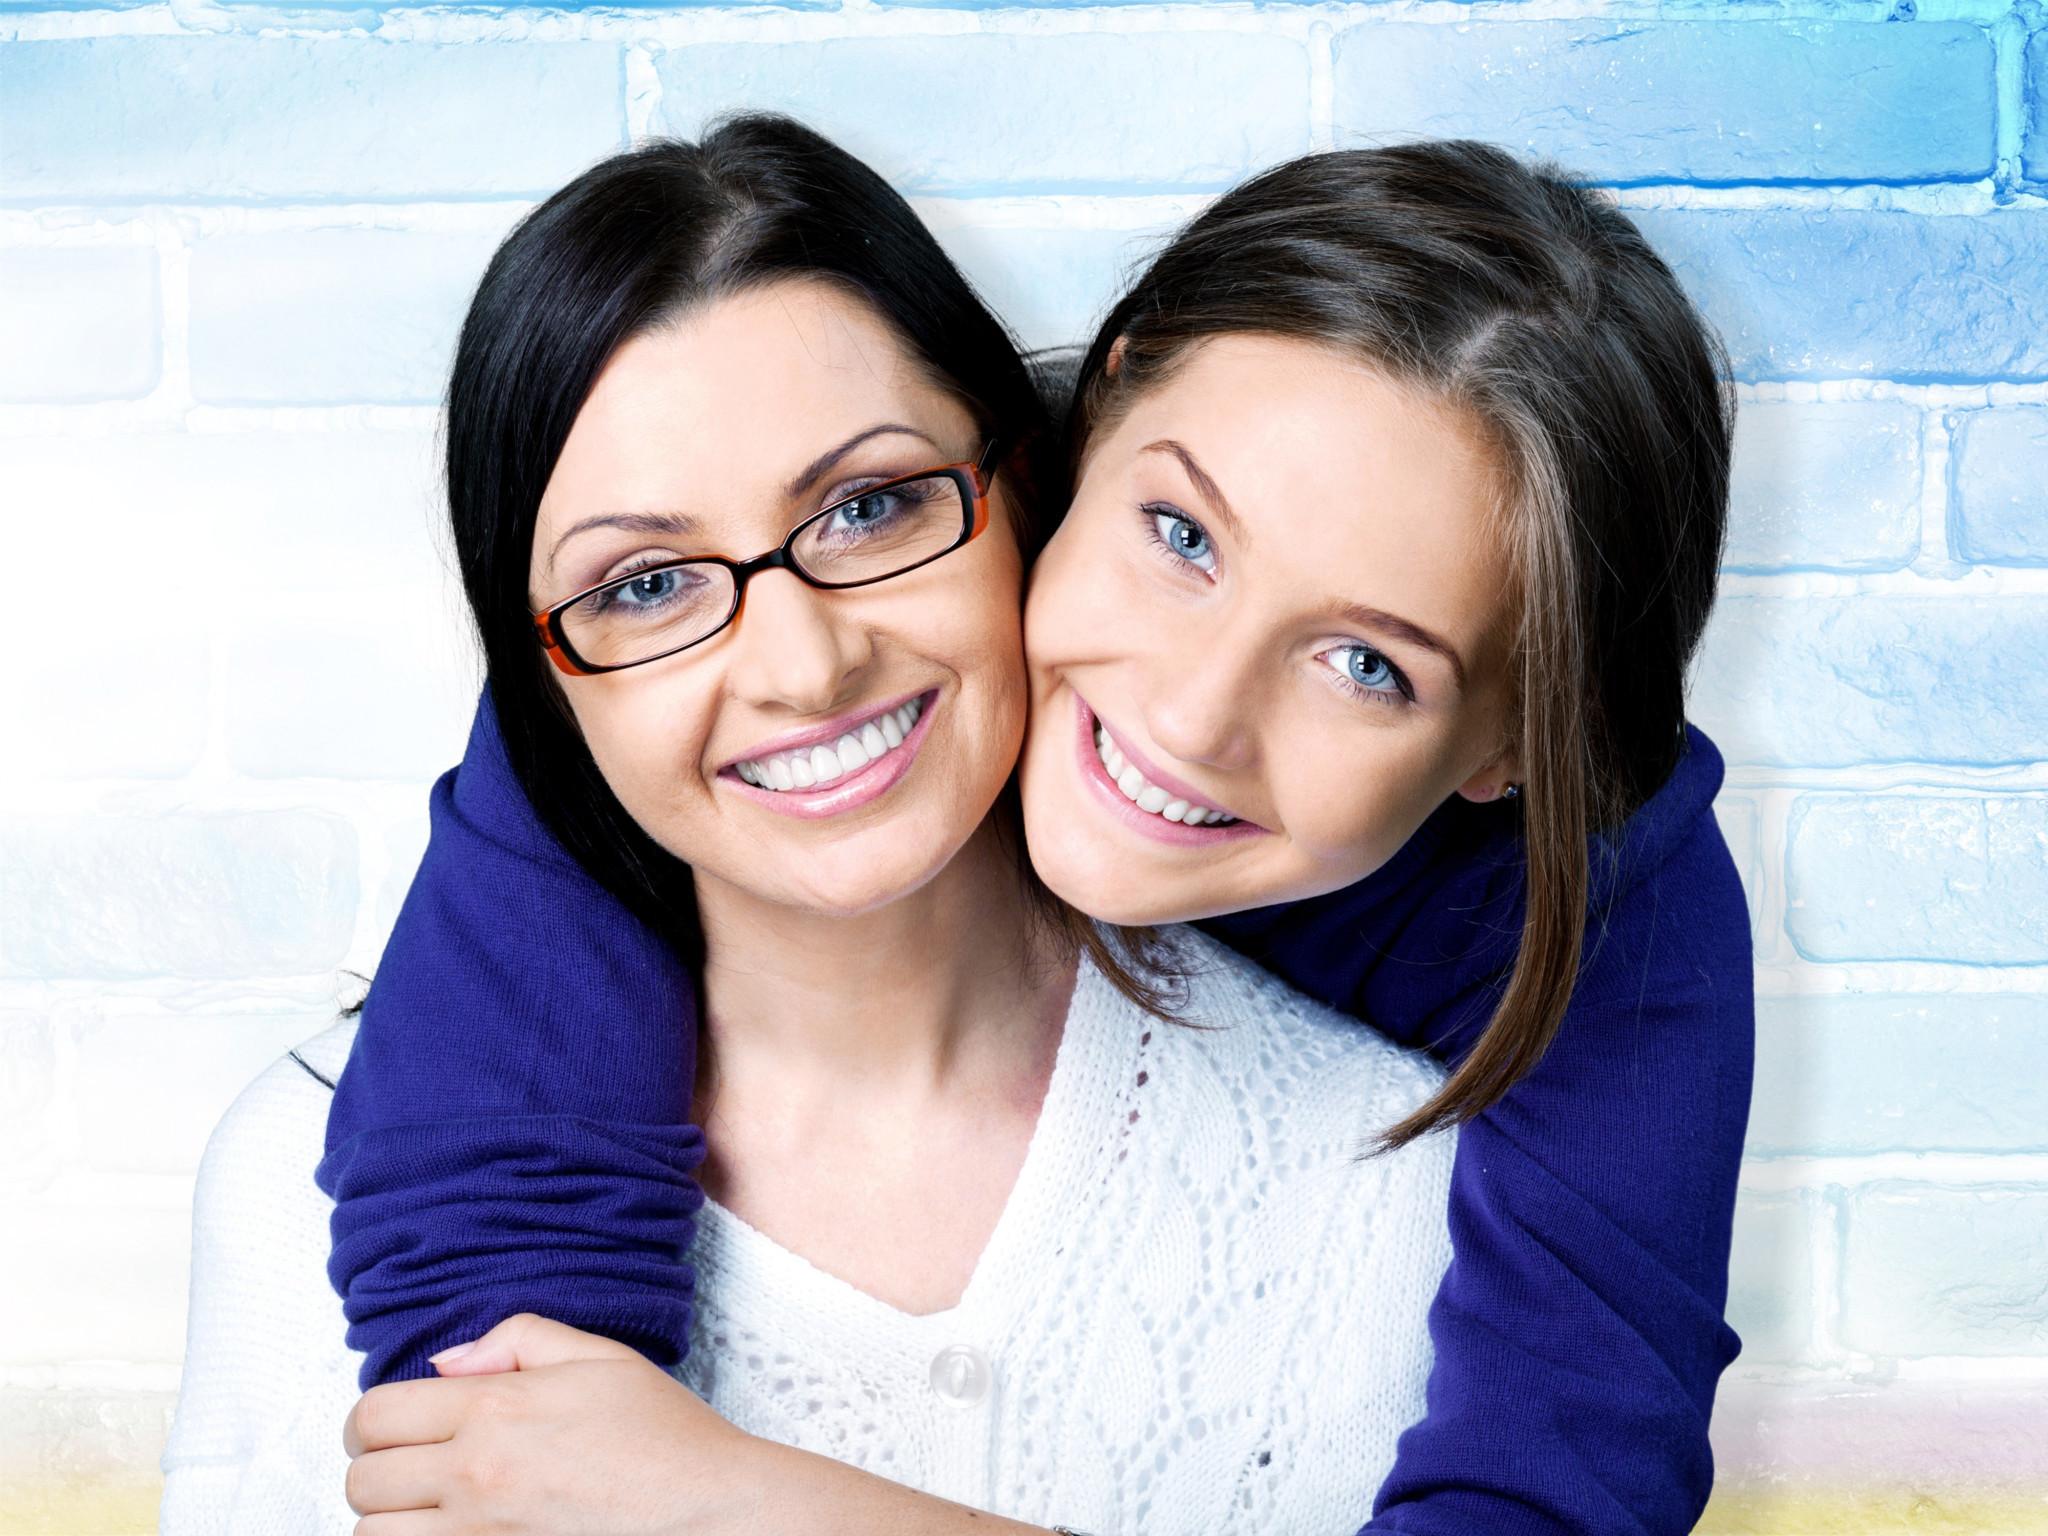 Мама и взрослая дочь картинки прикольные